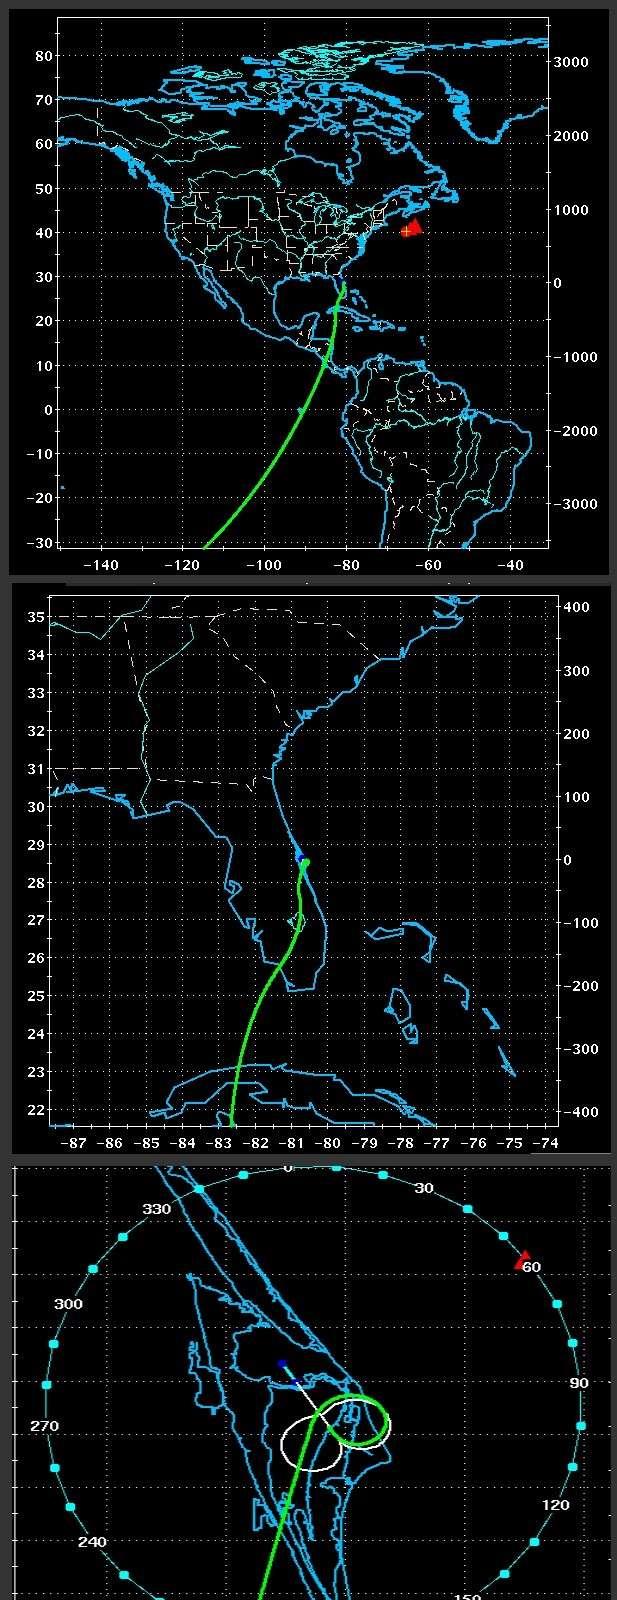 [STS-132] Atlantis: retour sur terre 14:48 heure de Paris le 26/05/10 Sans_682